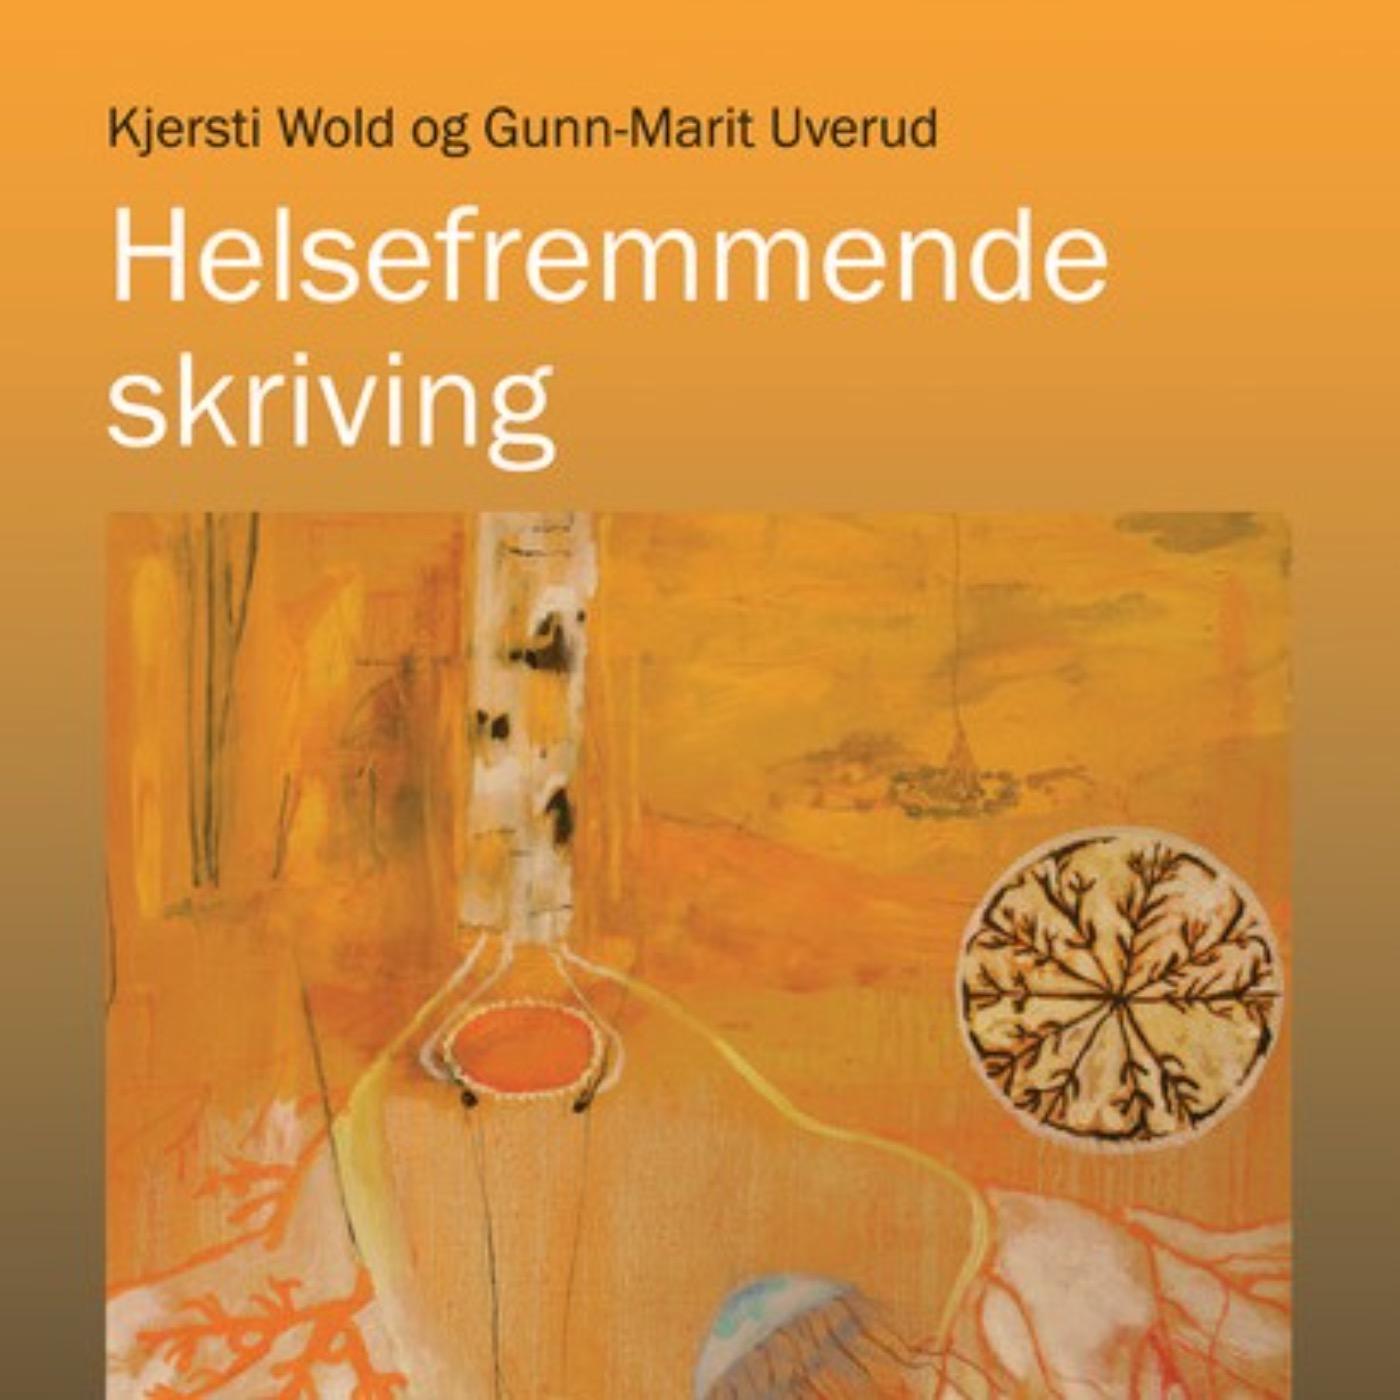 Helsefremmende skriving med Kjersti Wold